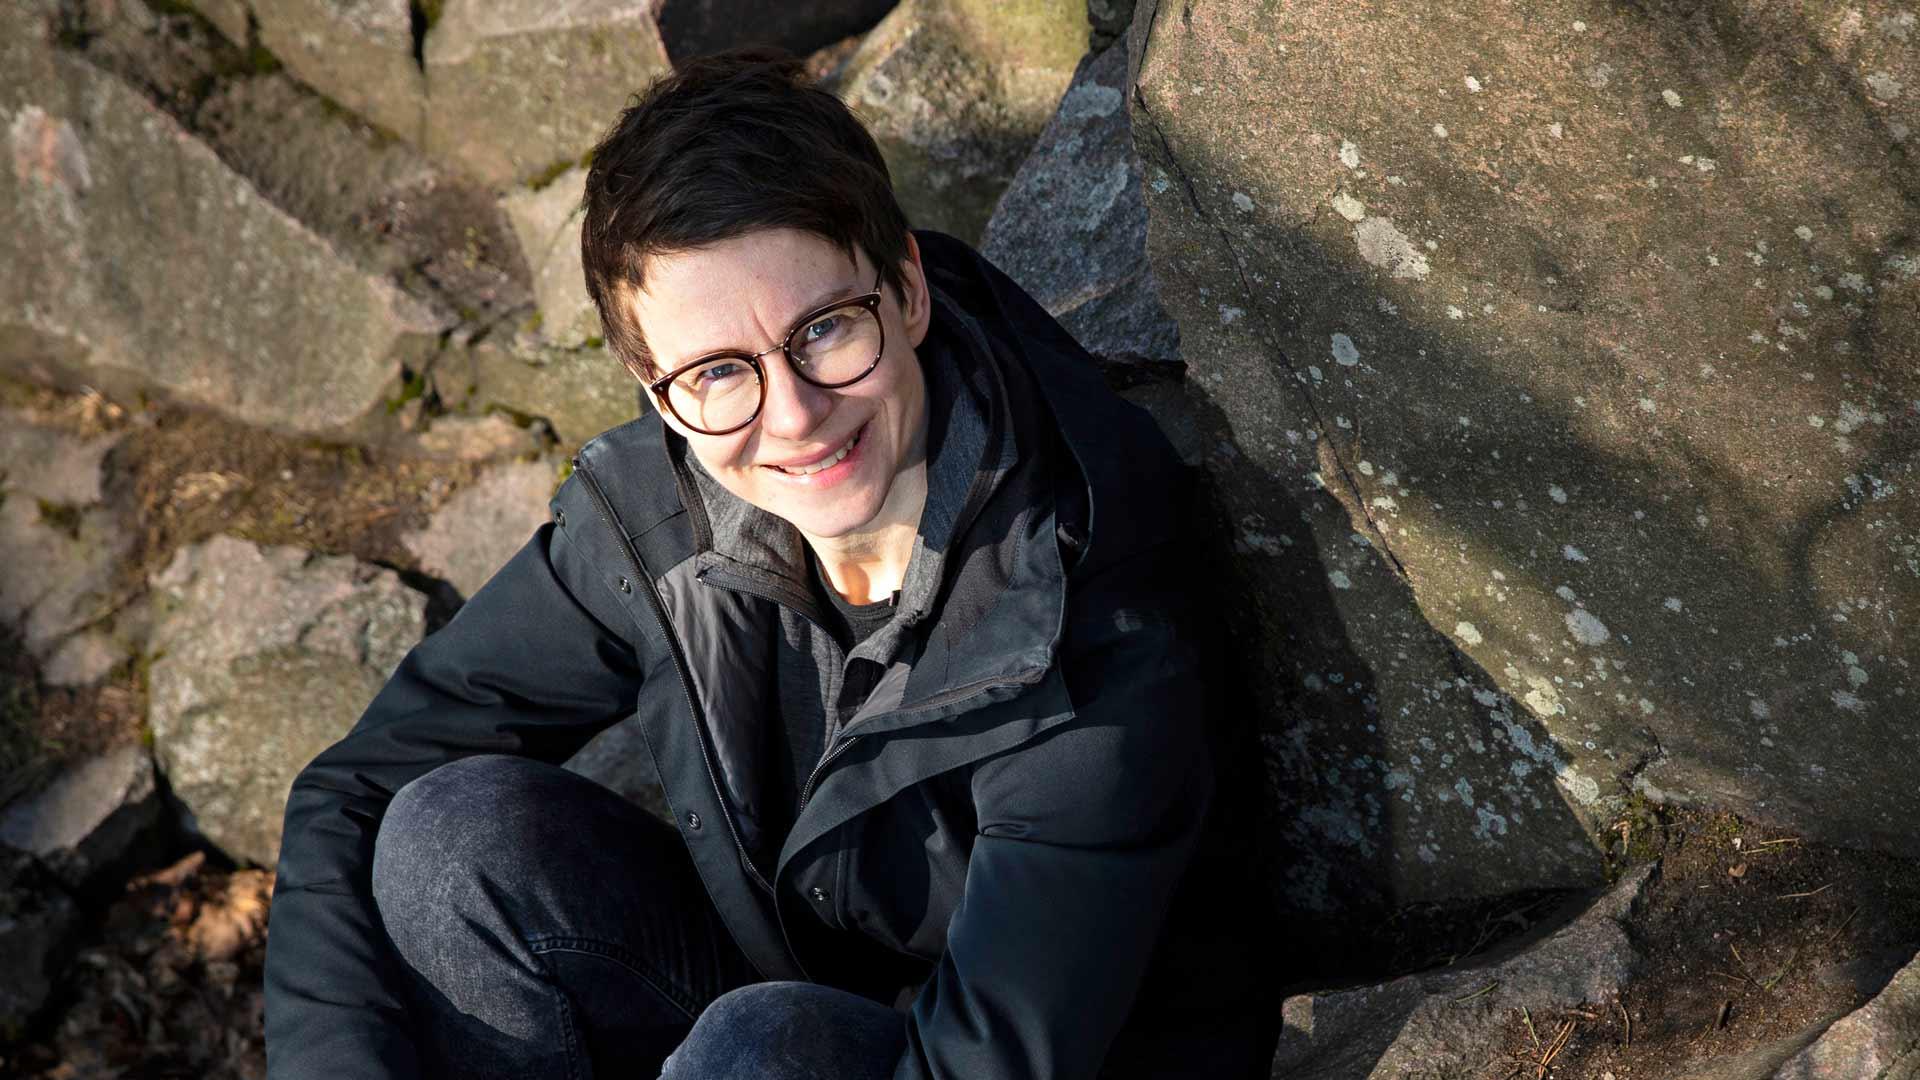 """Milja Sarkolan esikoisromaani kertoo naisesta, jonka ajatukset täyttää raha. """"Romaani käsittelee myös suomenruotsalaiseen ylempään luokkaan liitettyä pihiyttä."""""""